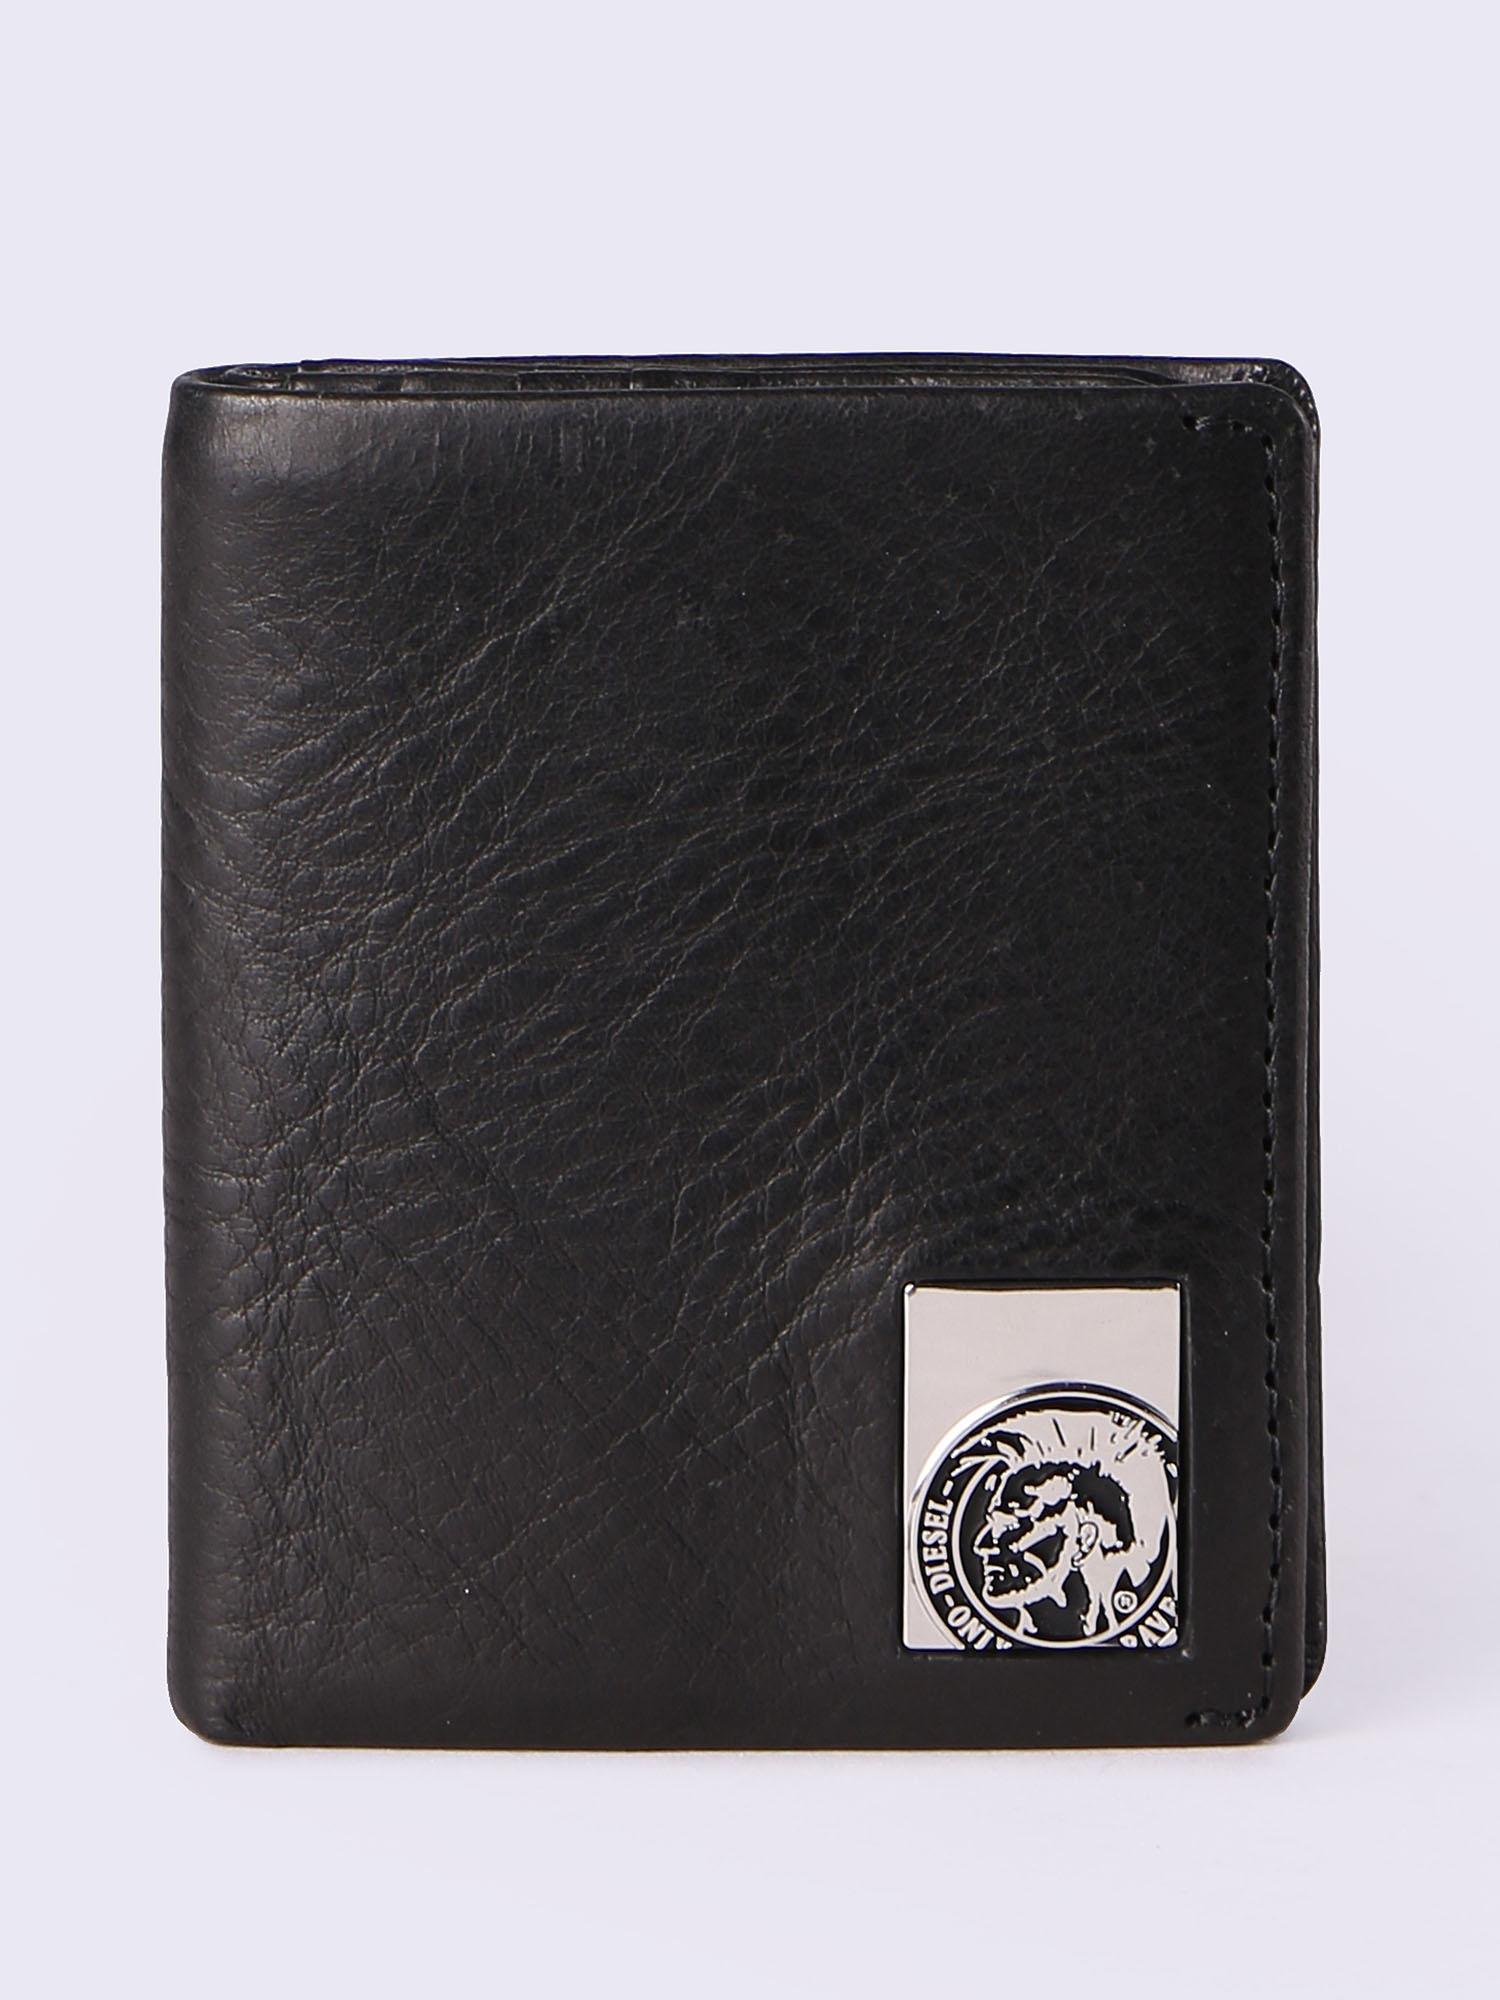 c1c27fe98a5a 財布は男を語る!プレゼントするべきメンズ財布ブランド10選 | memoco